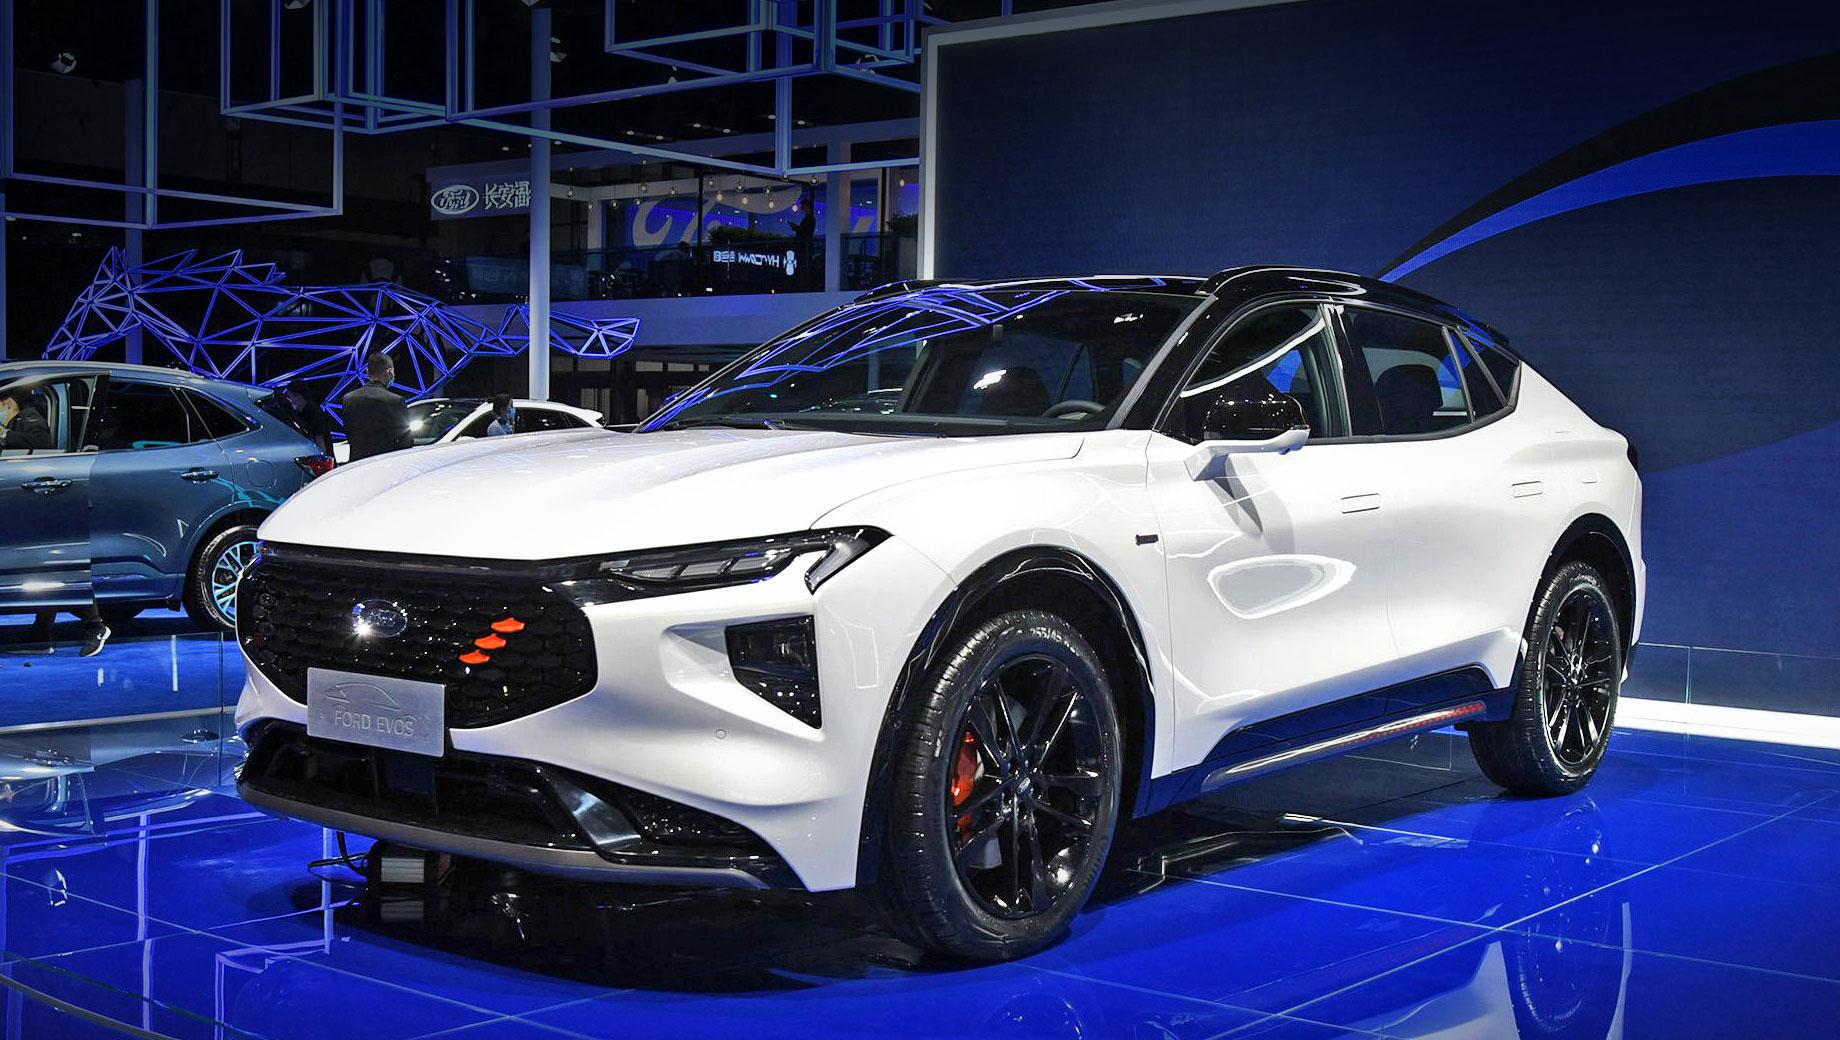 Ford evos. Предсерийный прототип Ивоса (на фото) дебютировал в середине апреля на Шанхайском автошоу как подключаемый гибрид PHEV с запасом хода в 1000 км и средним расходом топлива 1,2 л/100 км. Заметим, что имя Evos фордовцы впервые использовали в 2011 году для причудливого концепта.